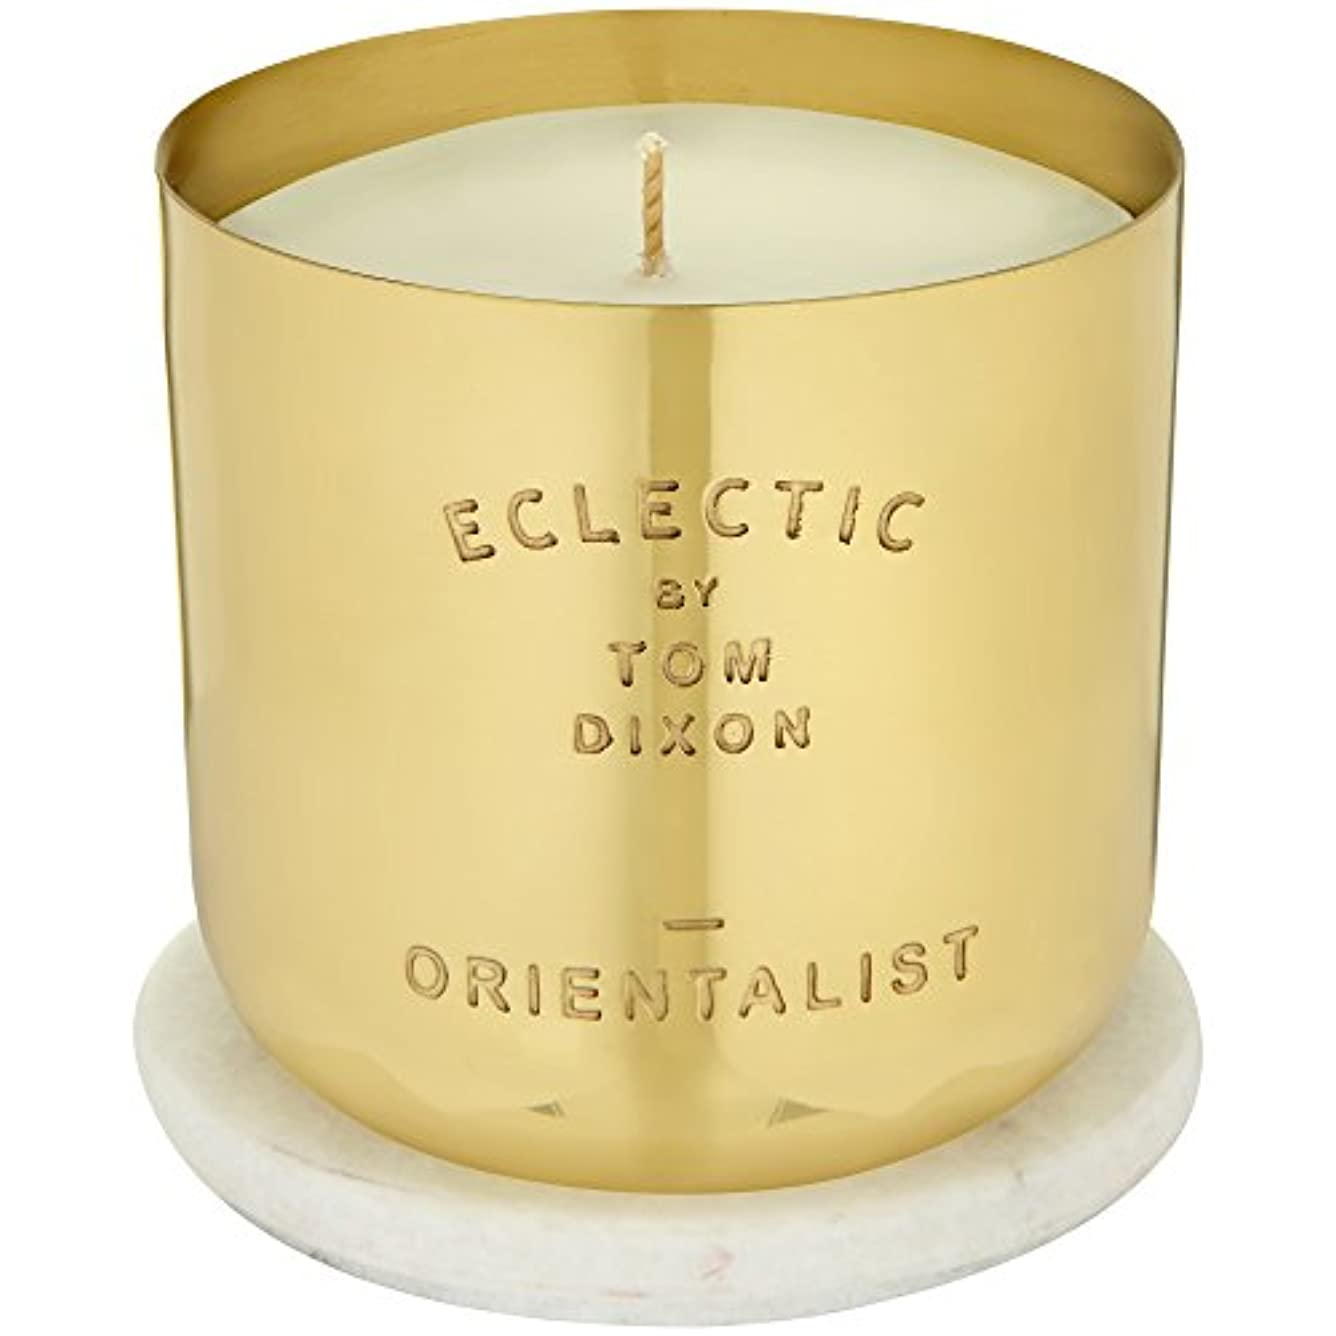 トム?ディクソン東洋香りのキャンドル x6 - Tom Dixon Orientalist Scented Candle (Pack of 6) [並行輸入品]